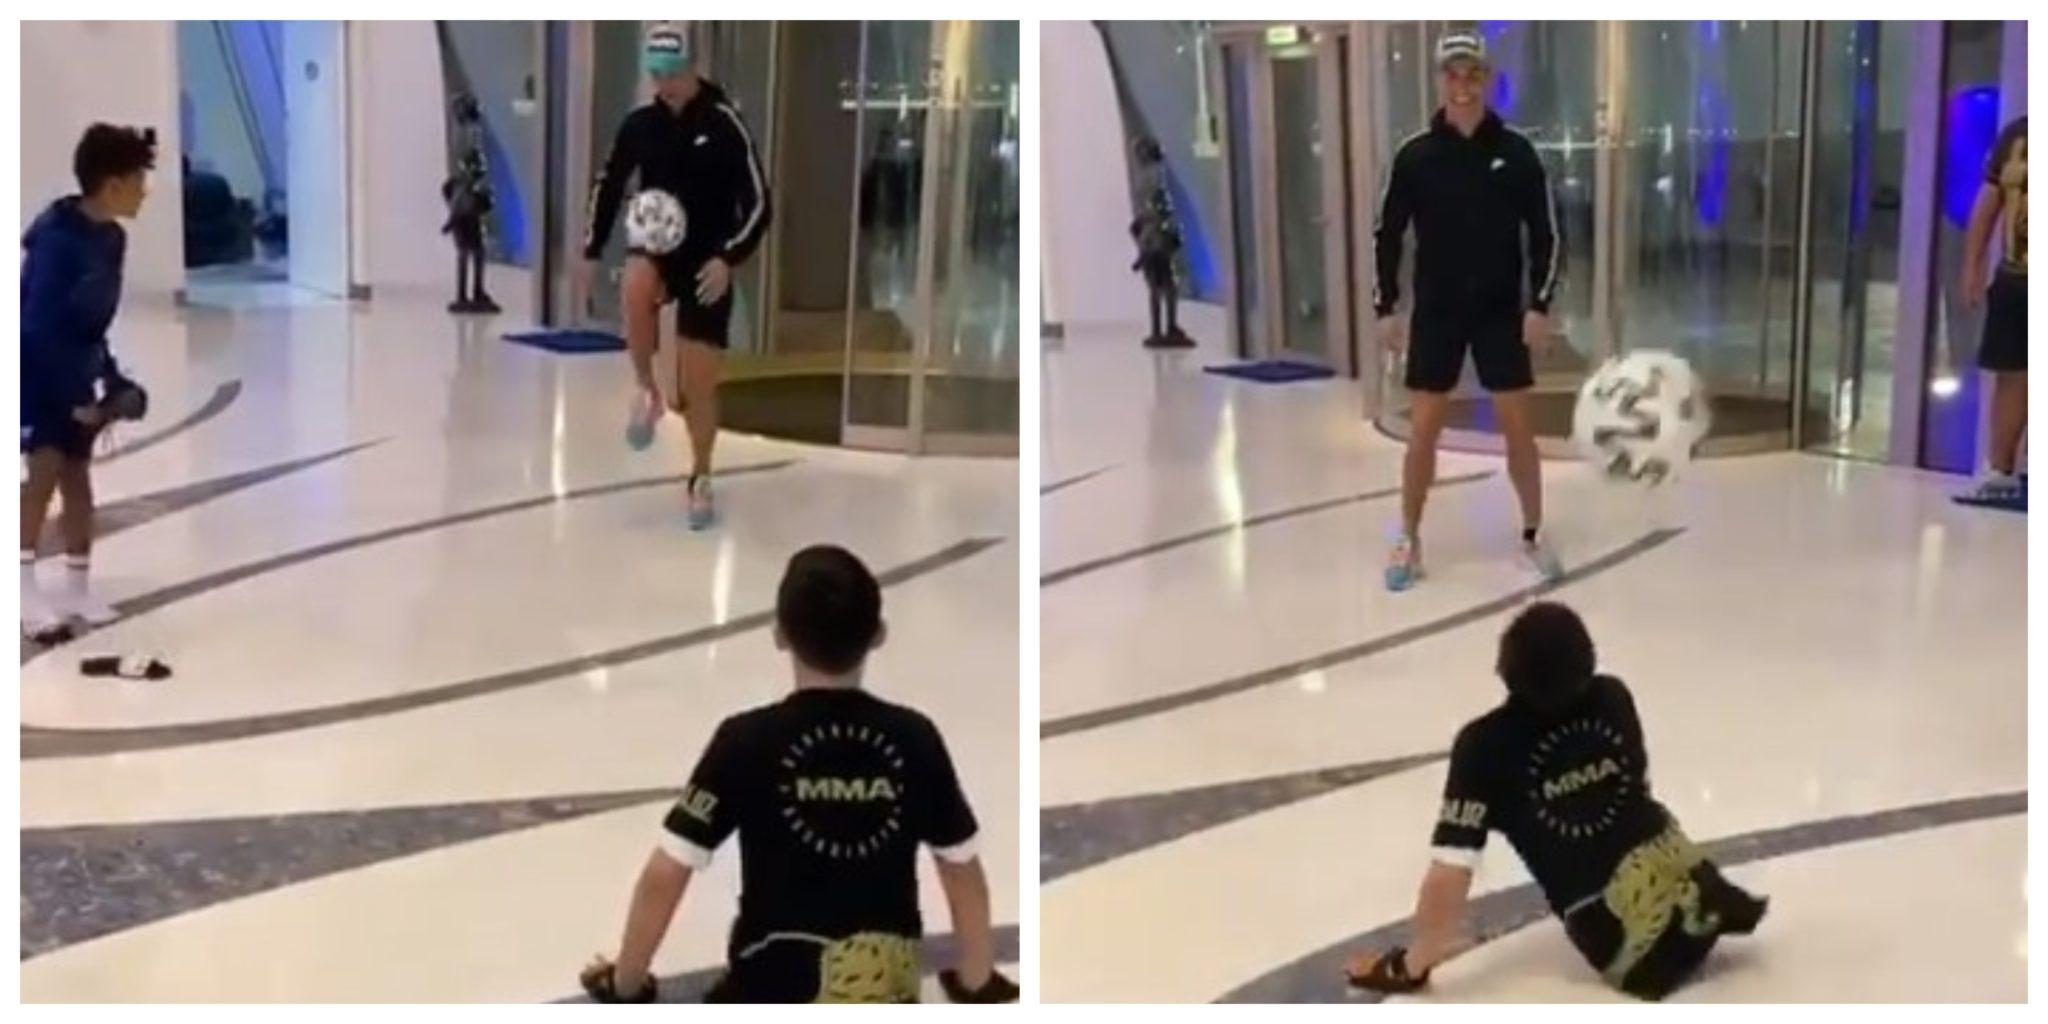 Cristianoronaldo Cristianinho Scaled Emocionante! Cristiano Ronaldo E Cristianinho Jogam Com Jovem Sem As Duas Pernas